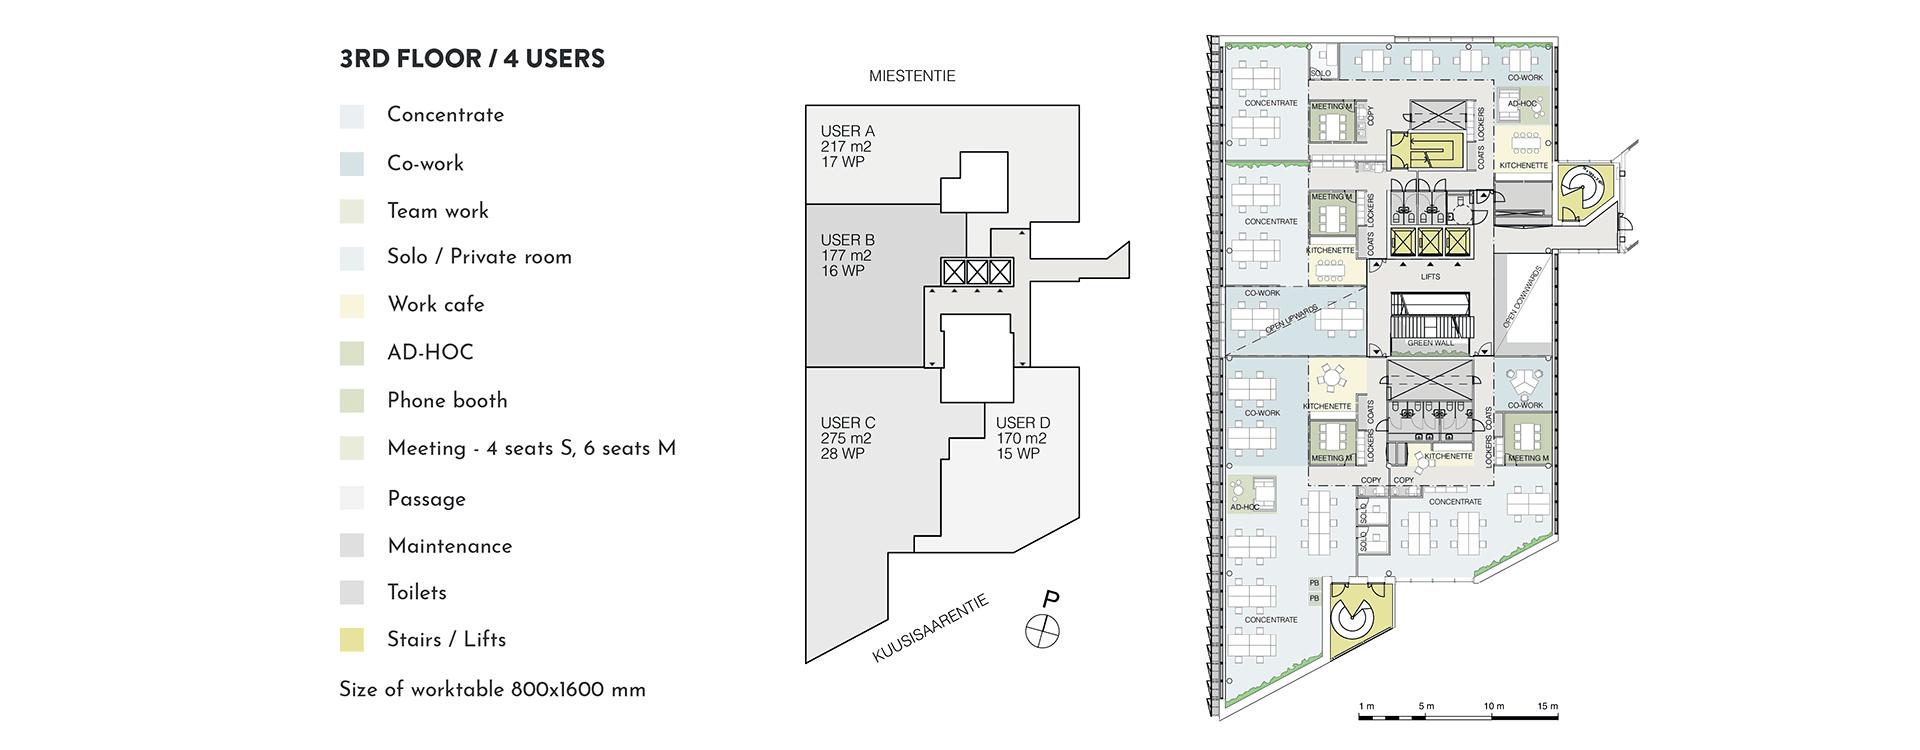 Swing House pohjapiirros monitilatoimisto, tilanjakoesimerkki neljälle käyttäjälle, 3. krs., pinta-alat 217 m2, 177 m2, 275 m2, 170 m2